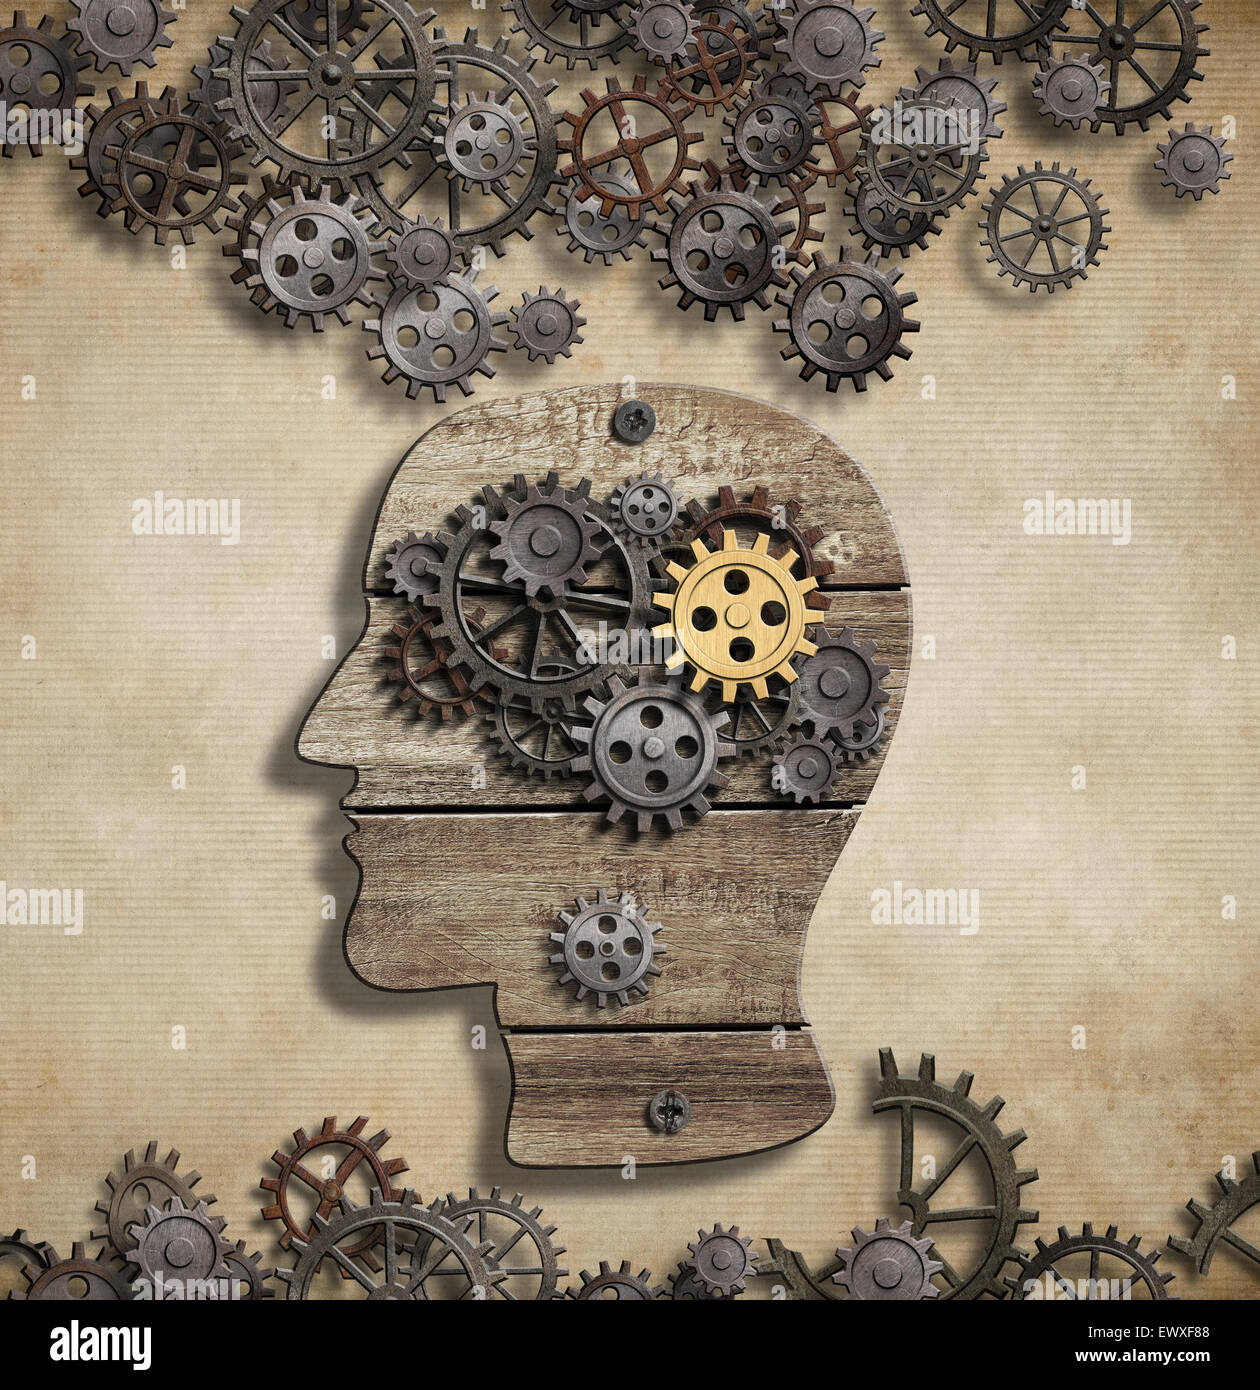 El cerebro y la actividad mental idea concepto Imagen De Stock